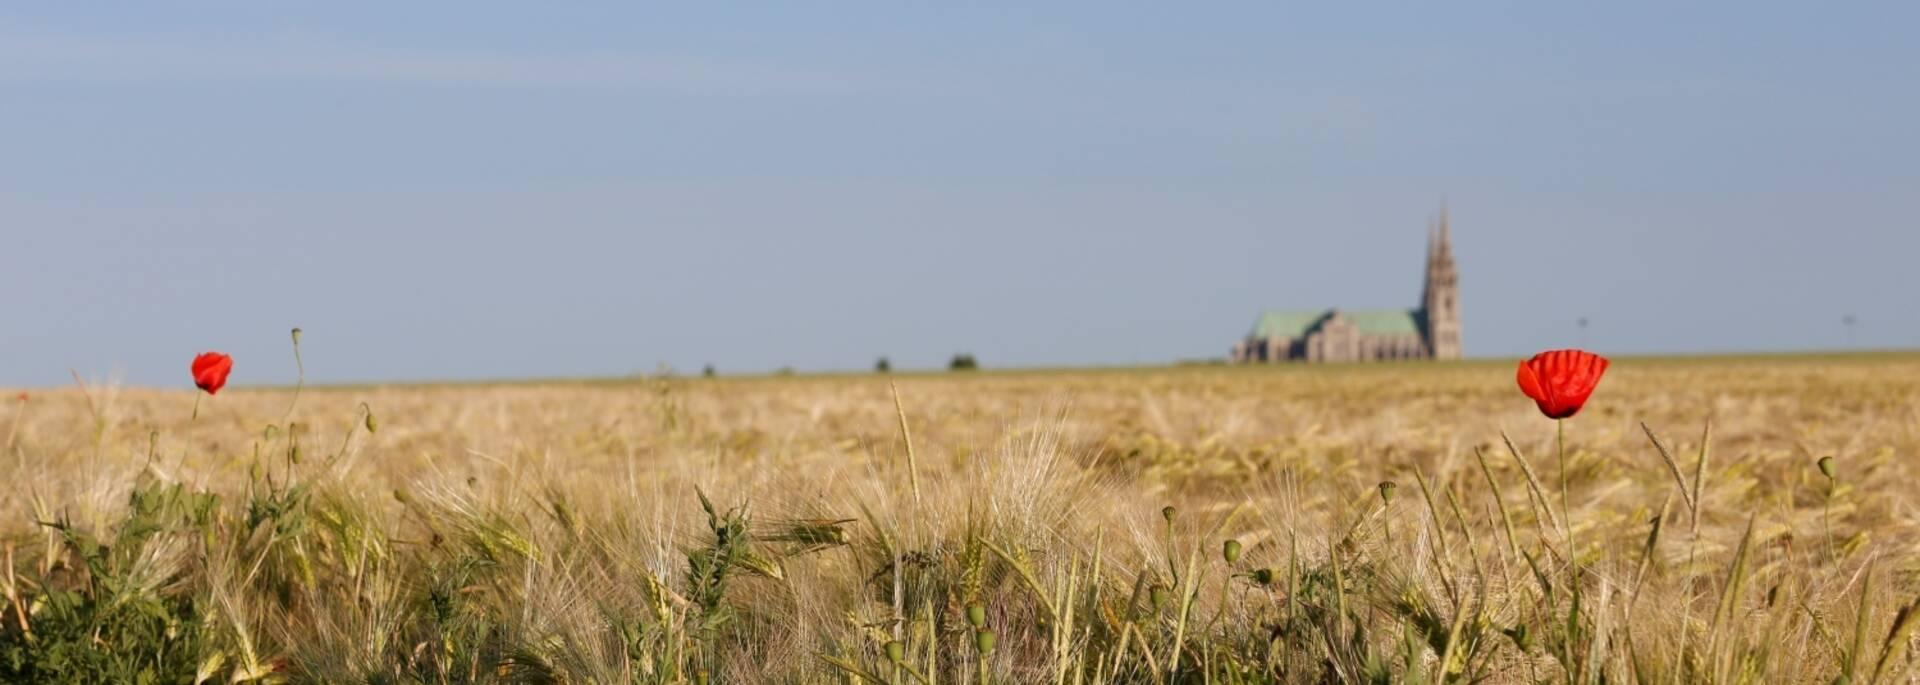 Vue de la cathédrale de Chartres depuis les champs de blé